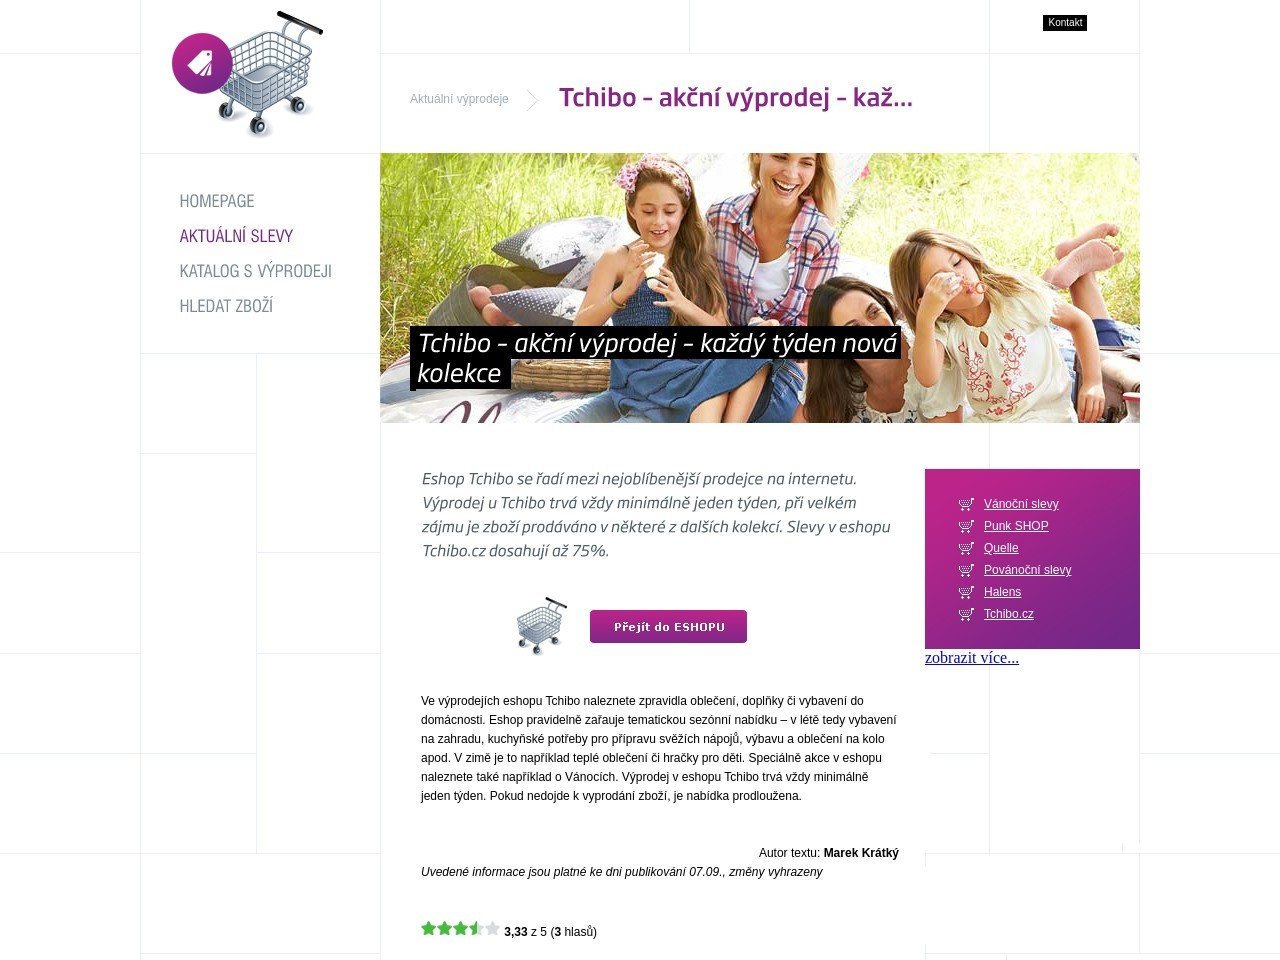 Tchibo – akční výprodej – každý týden nová kolekce (Zdroj: Wordpress.com)